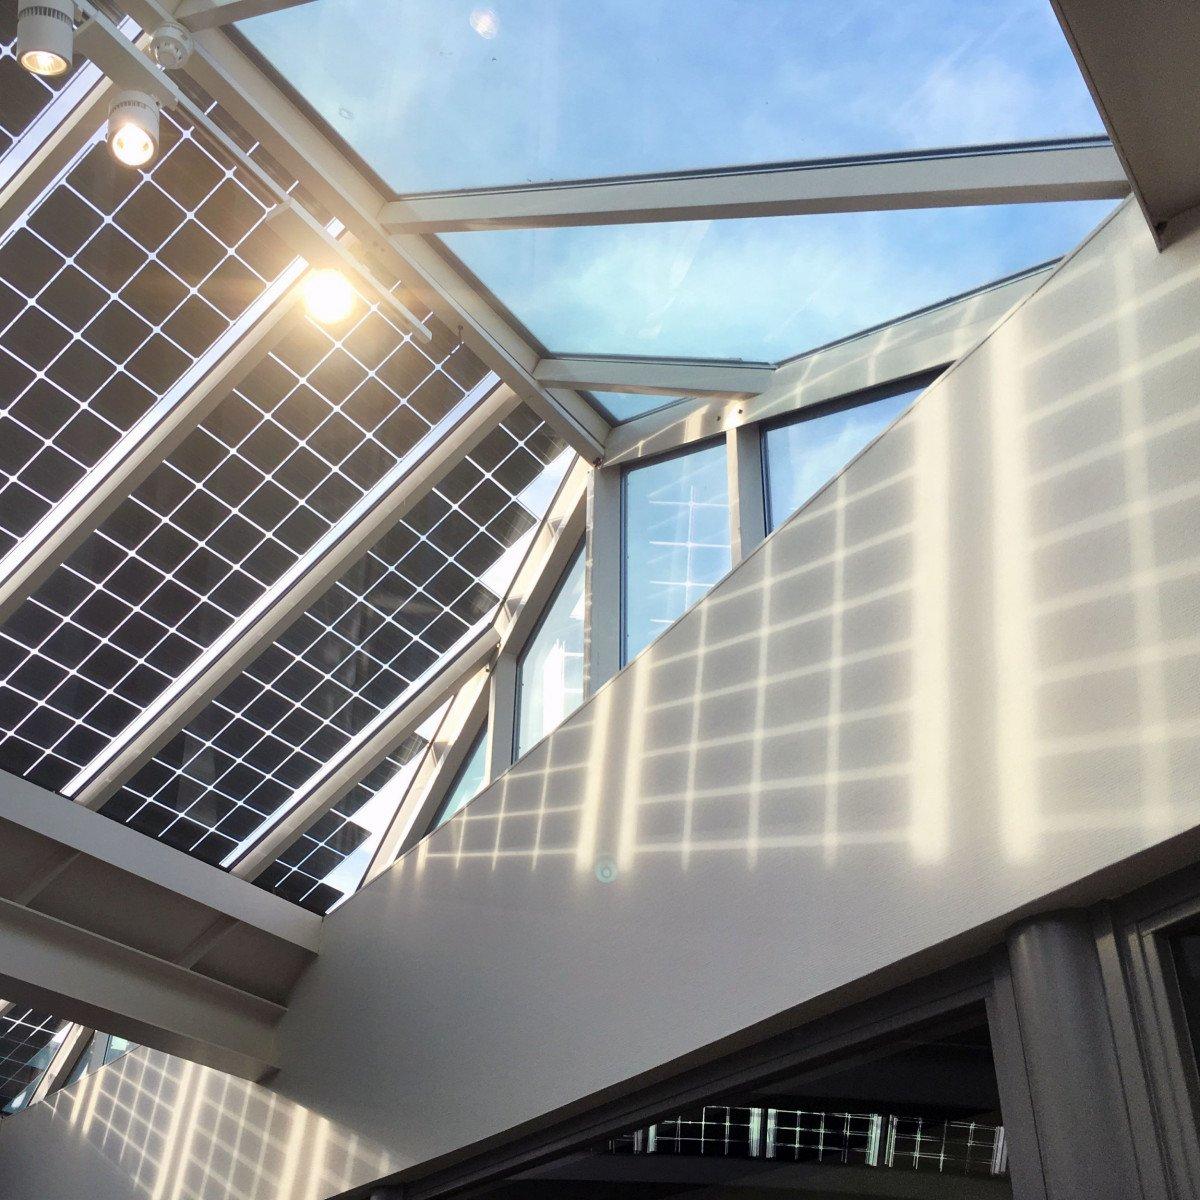 Duurzaamheid van container begrip naar concrete acties zonnecellen atrium